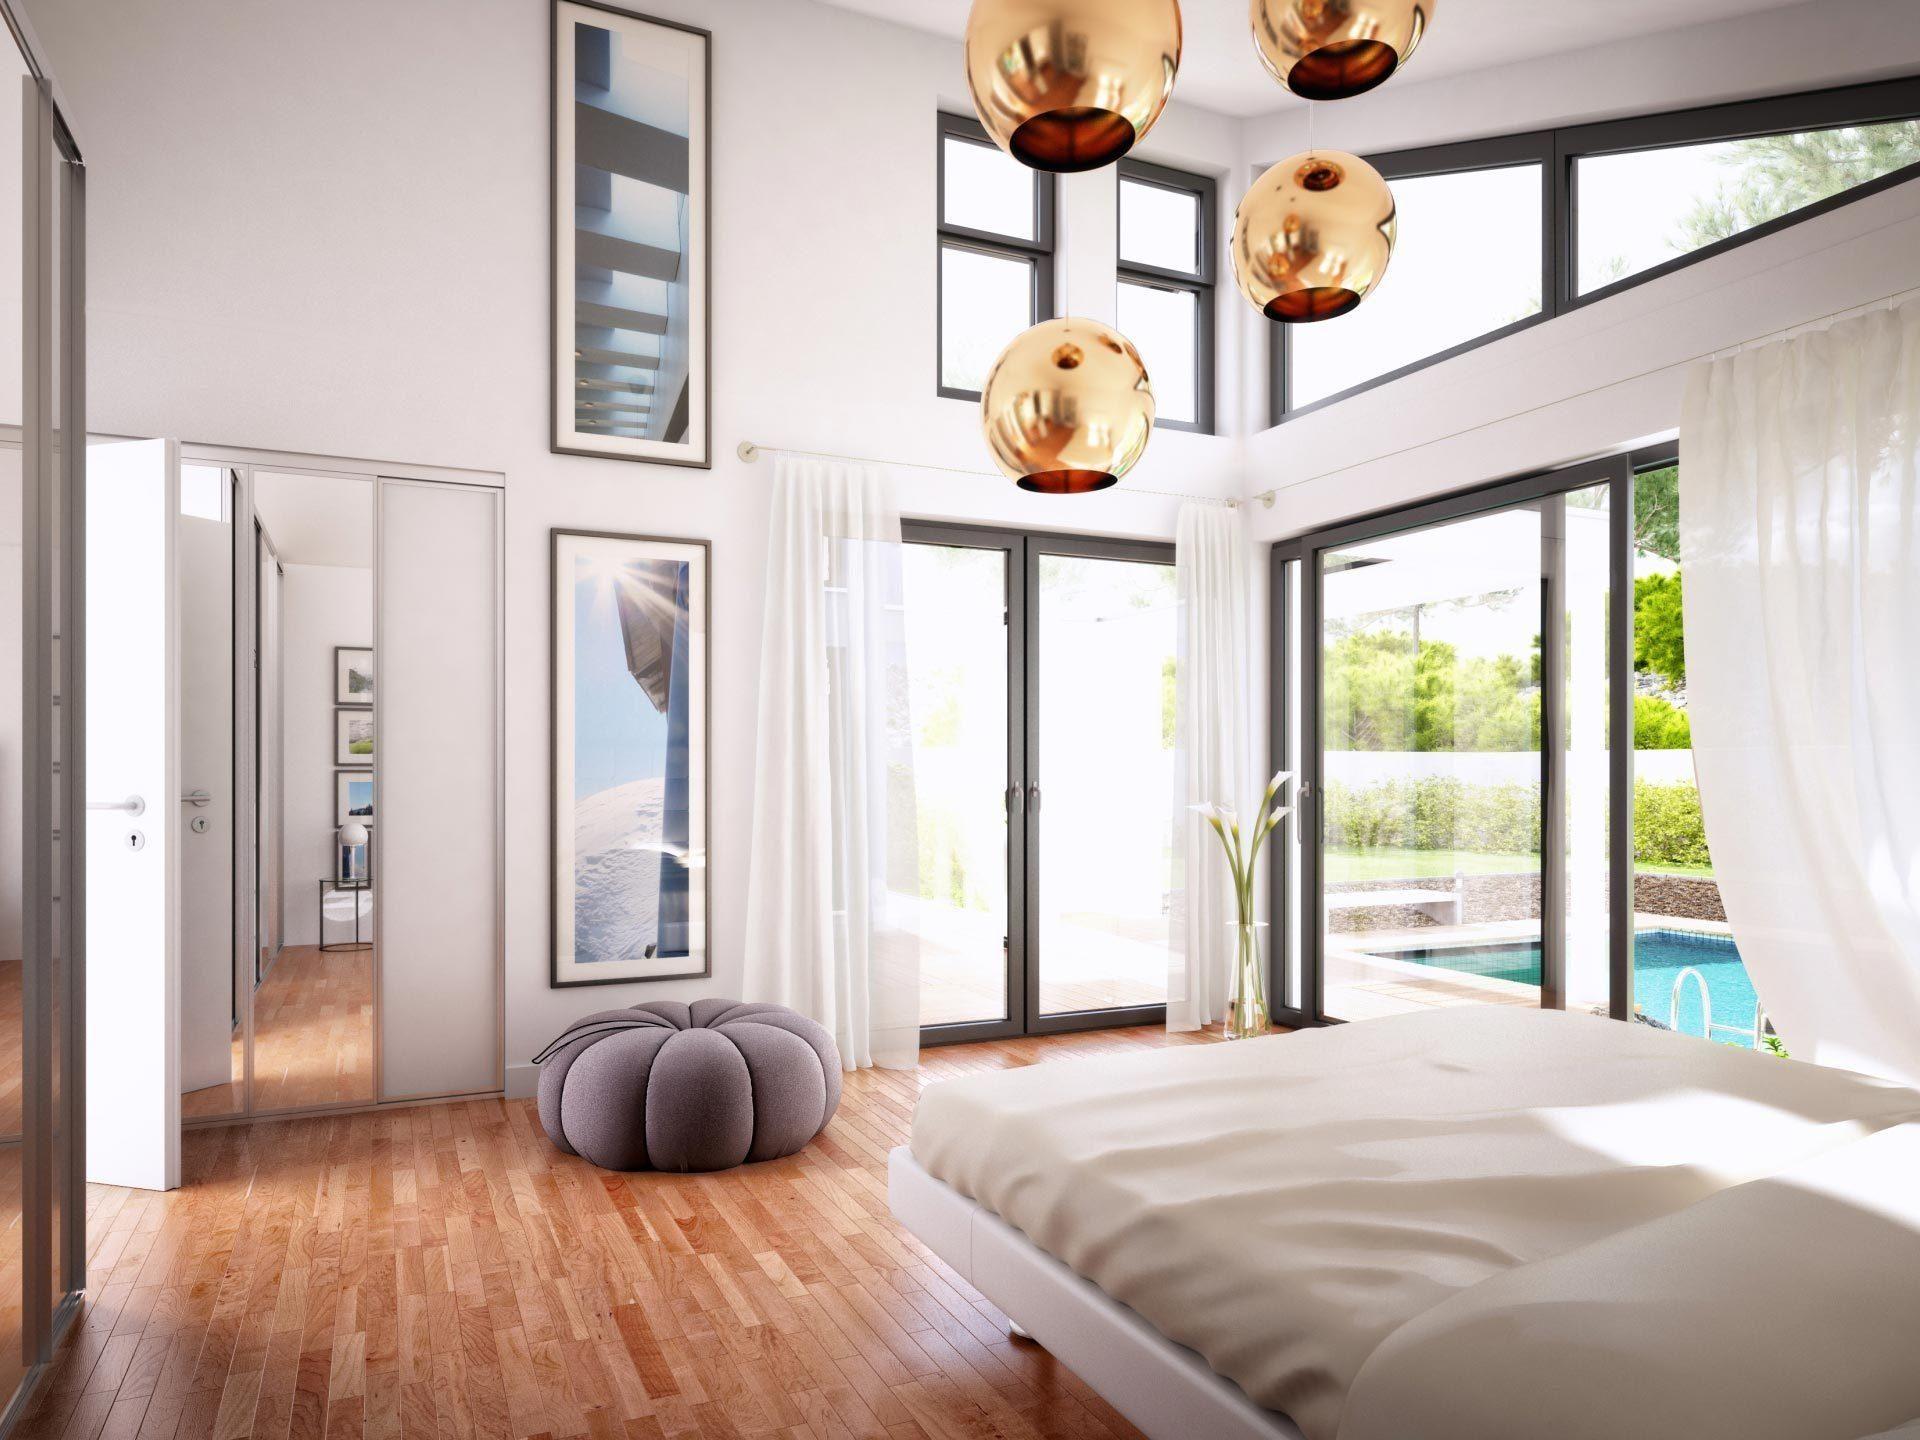 Schlafzimmer Bilder ~ Schlafzimmer im bungalow liberty von rensch haus schlafzimmer